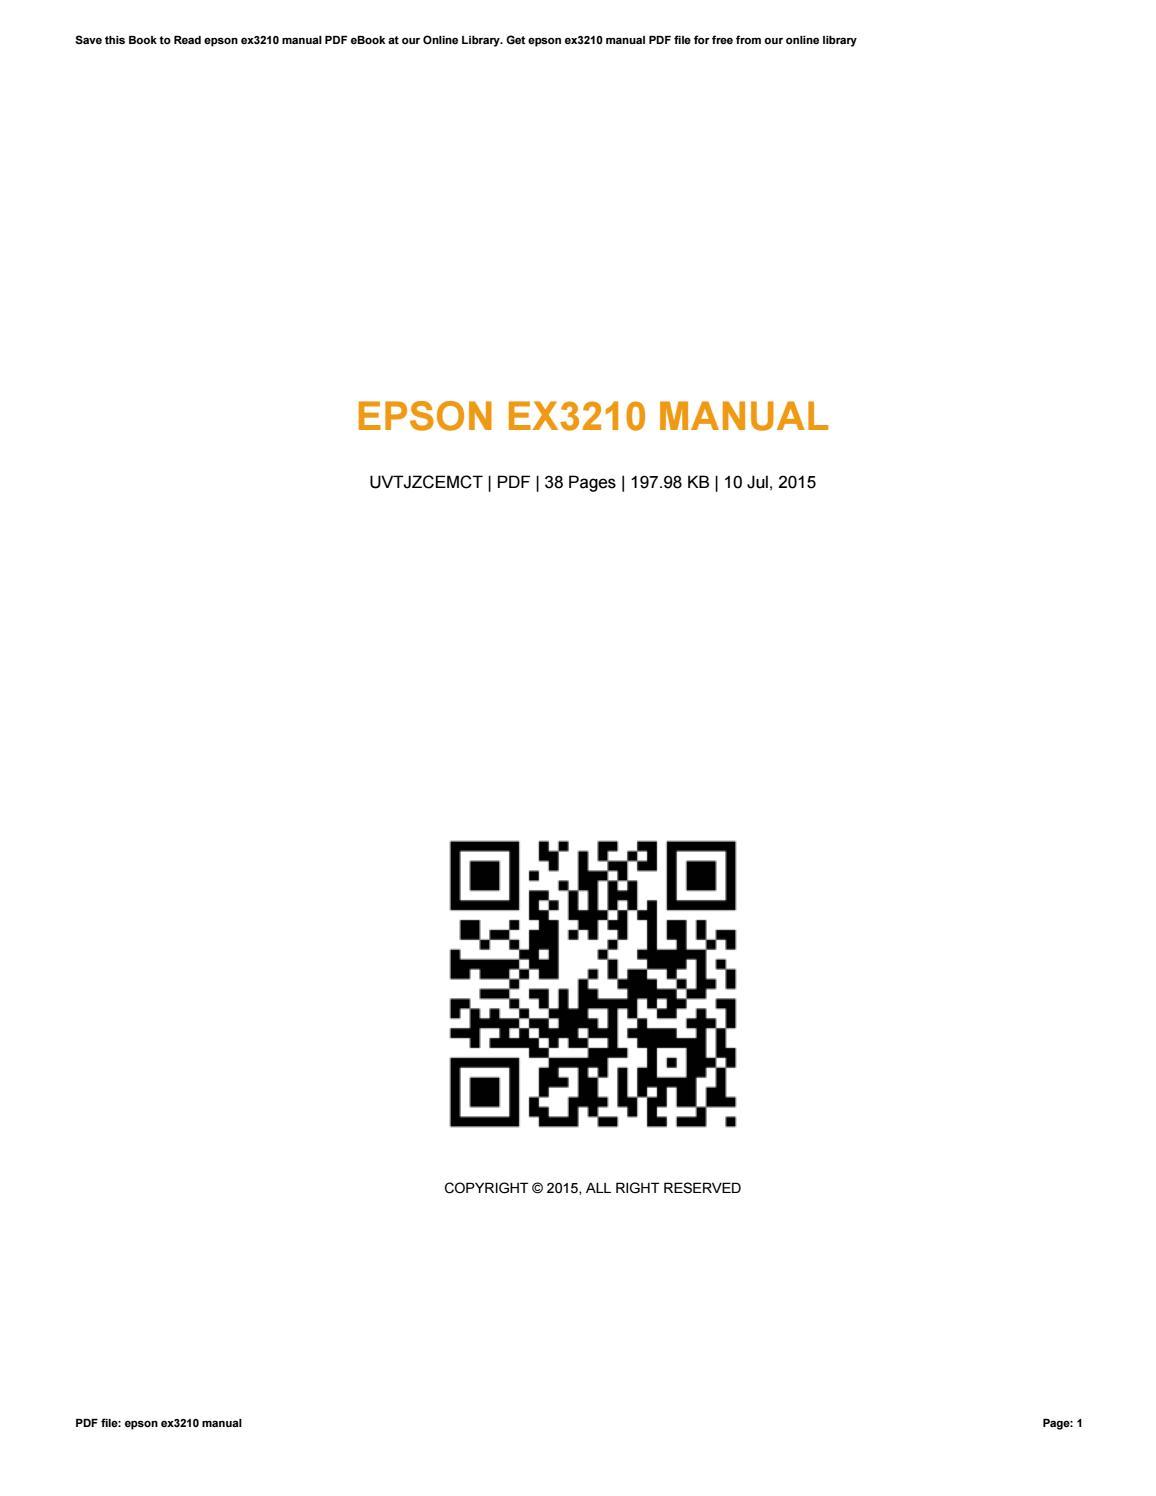 epson ex3210 manual